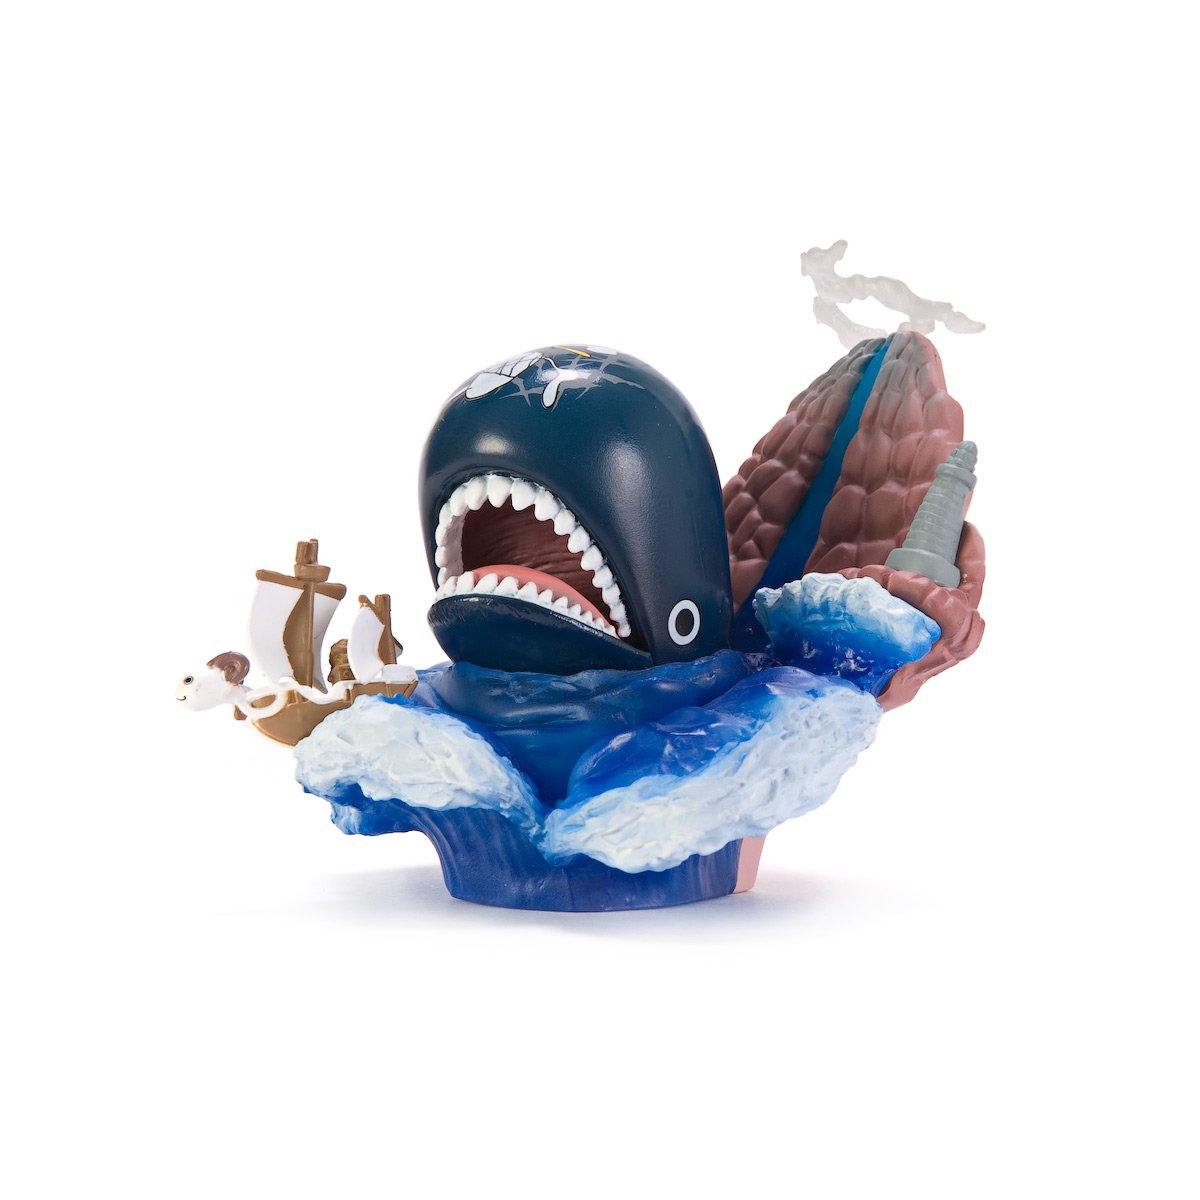 [日现] 海贼王 海洋 动物s 拉布 黄金梅丽号 pvc 手办